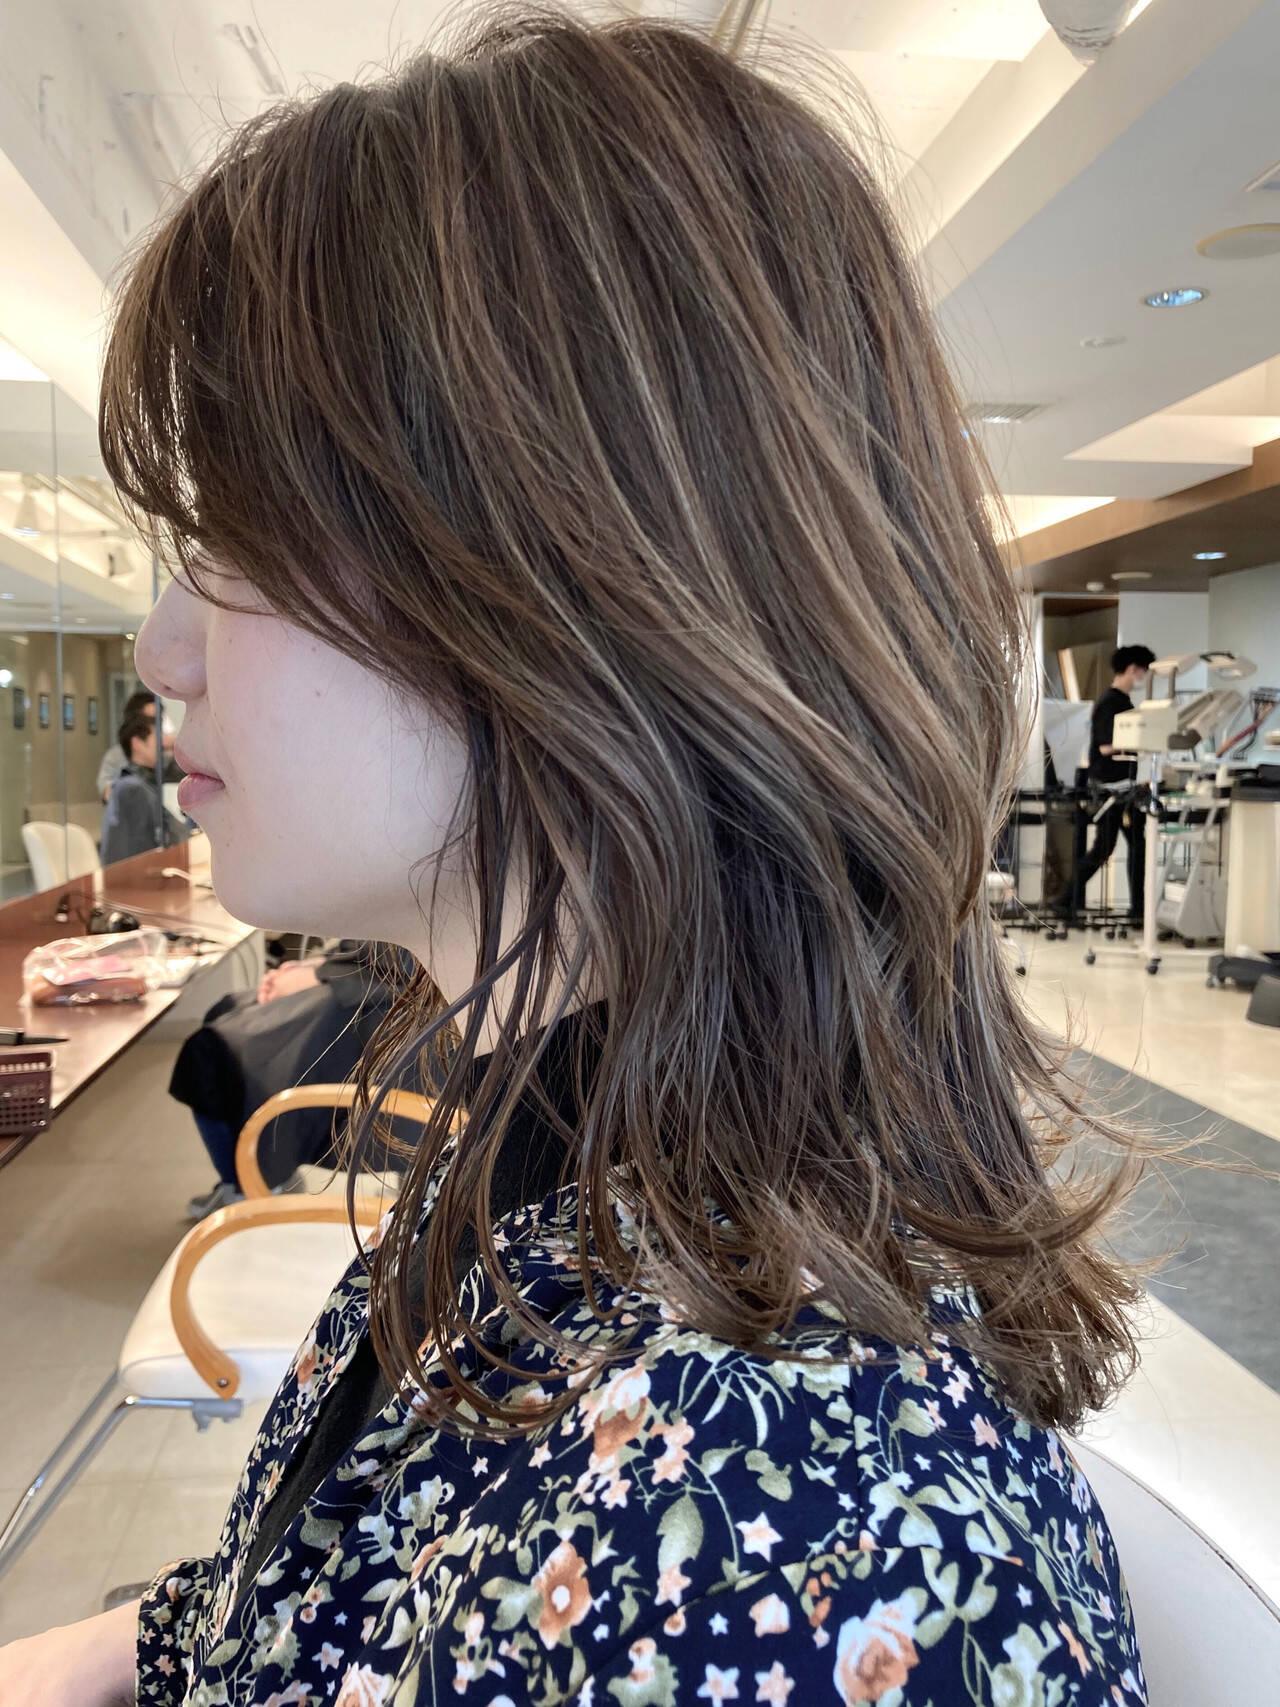 ブリーチ ミディアム ハイライト 大人ハイライトヘアスタイルや髪型の写真・画像